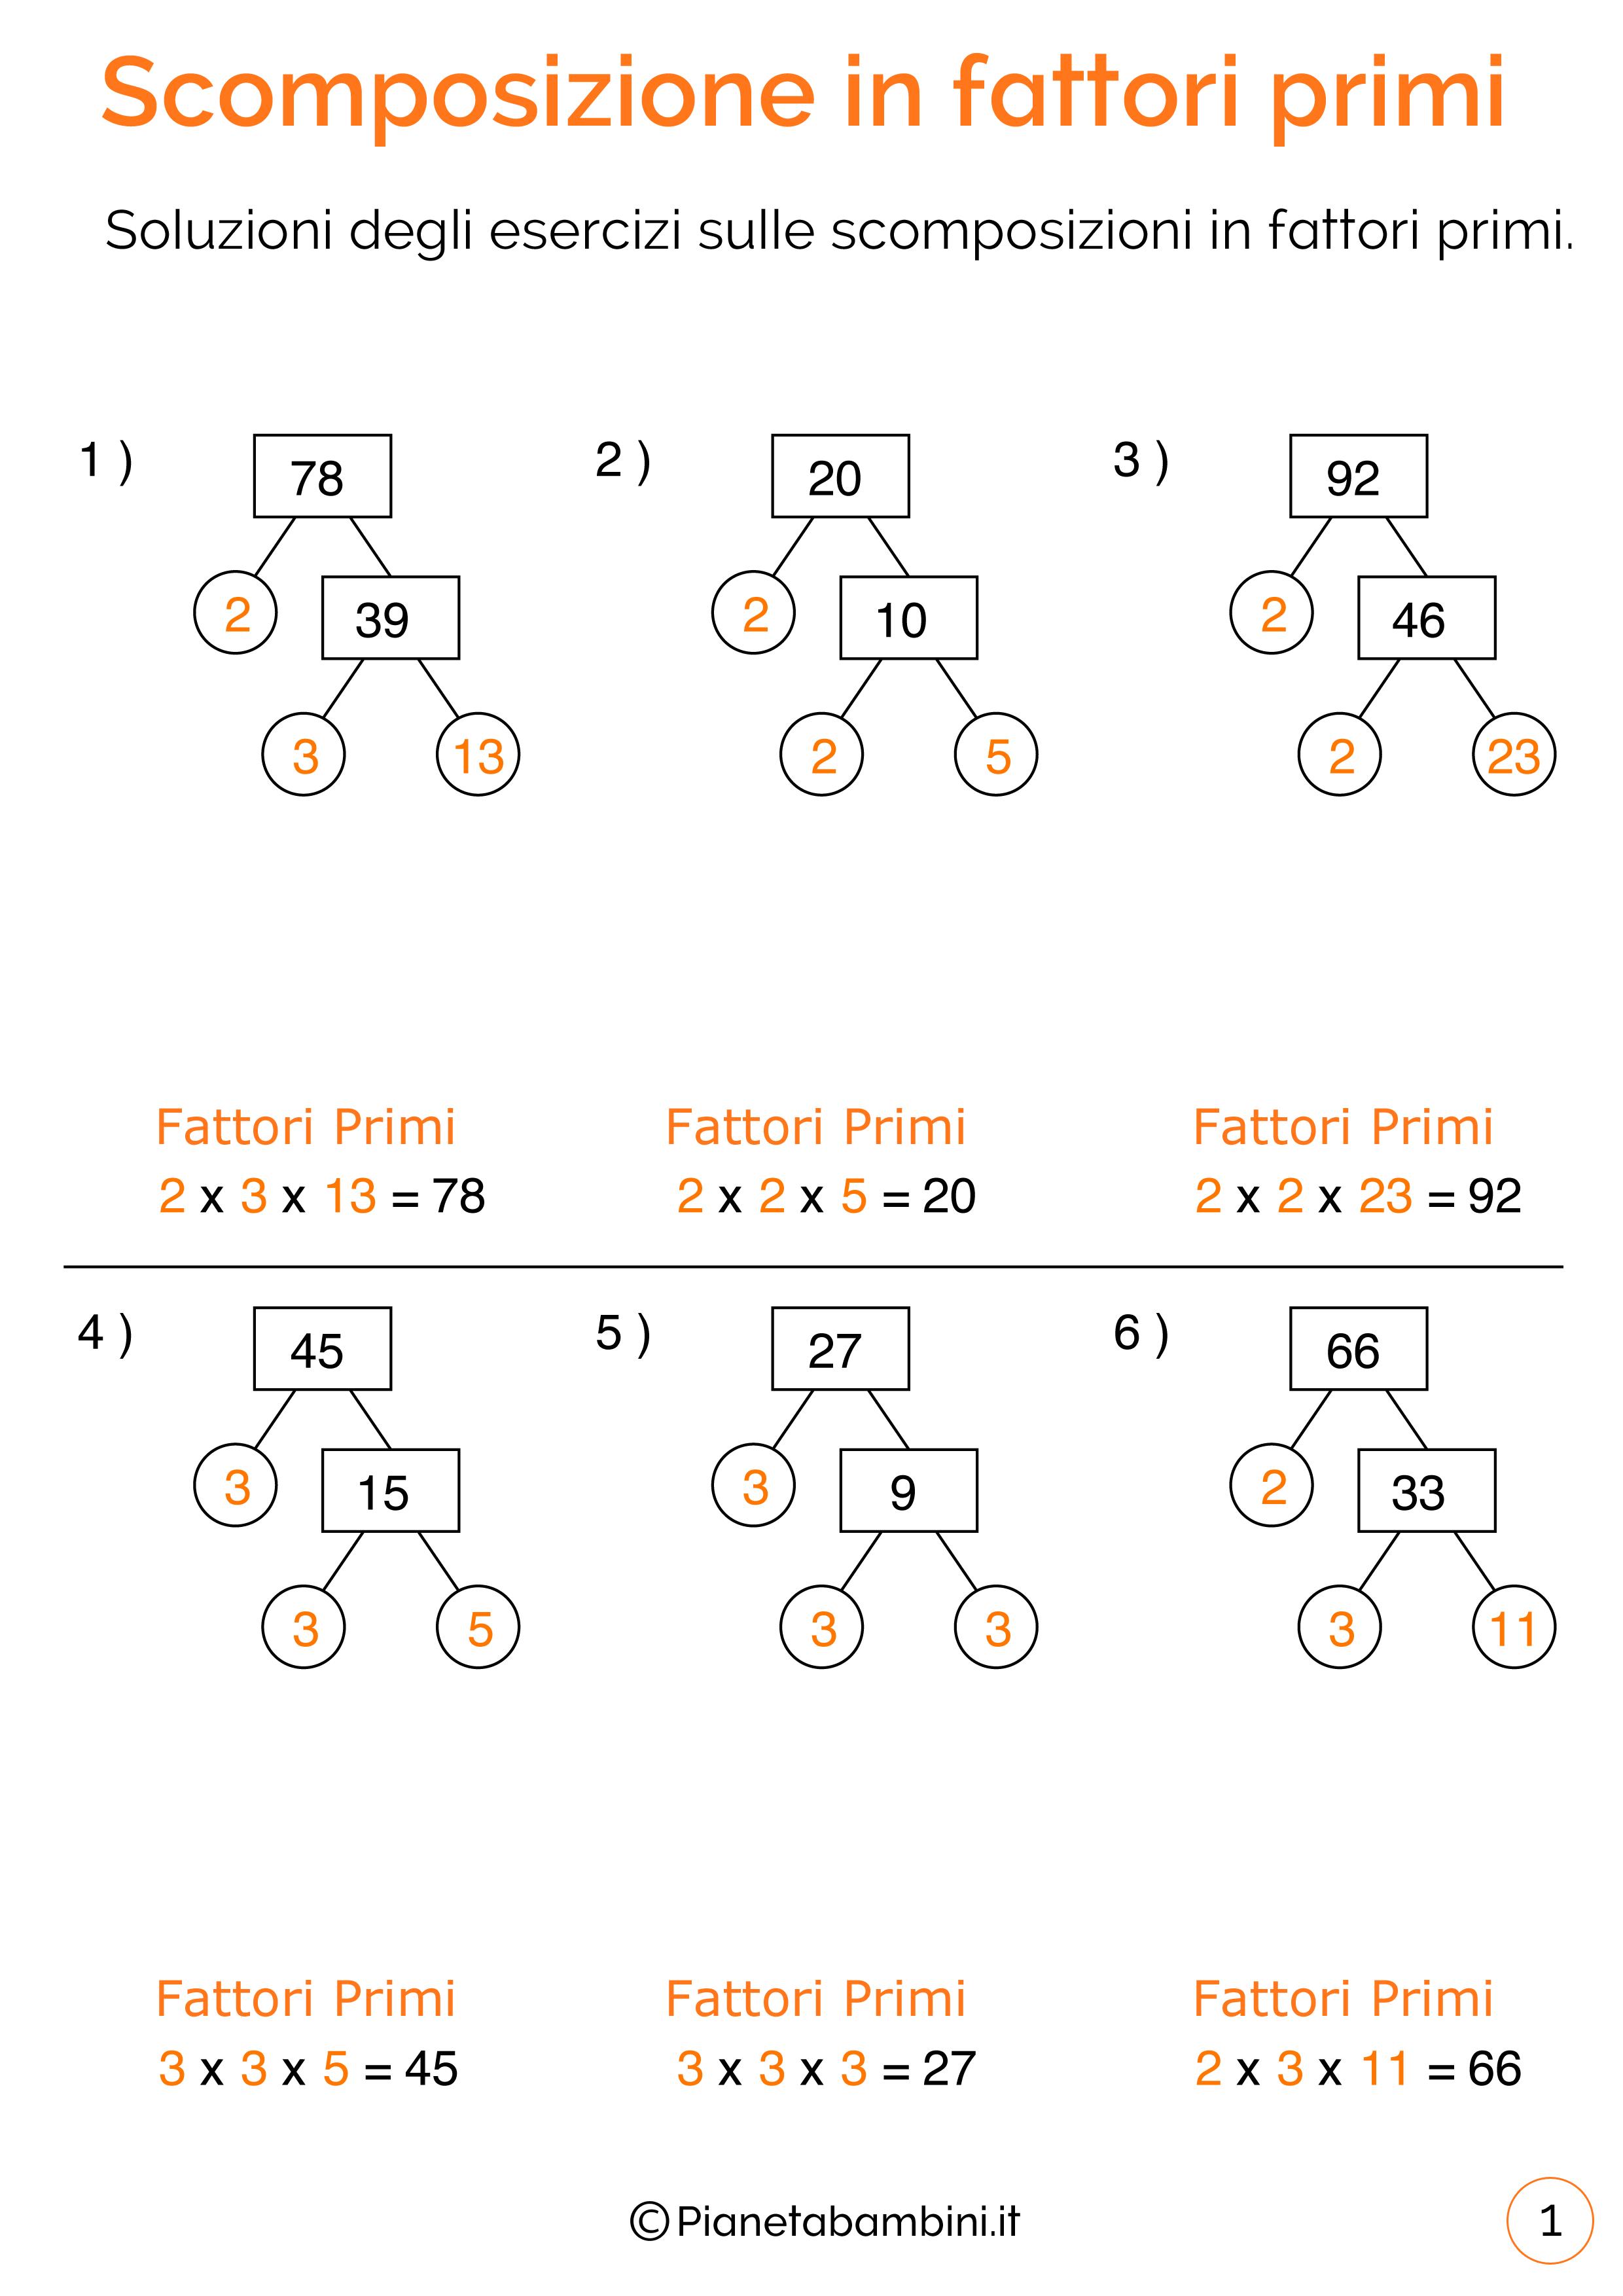 Soluzioni-Scomposizione-Fattori-Primi-1